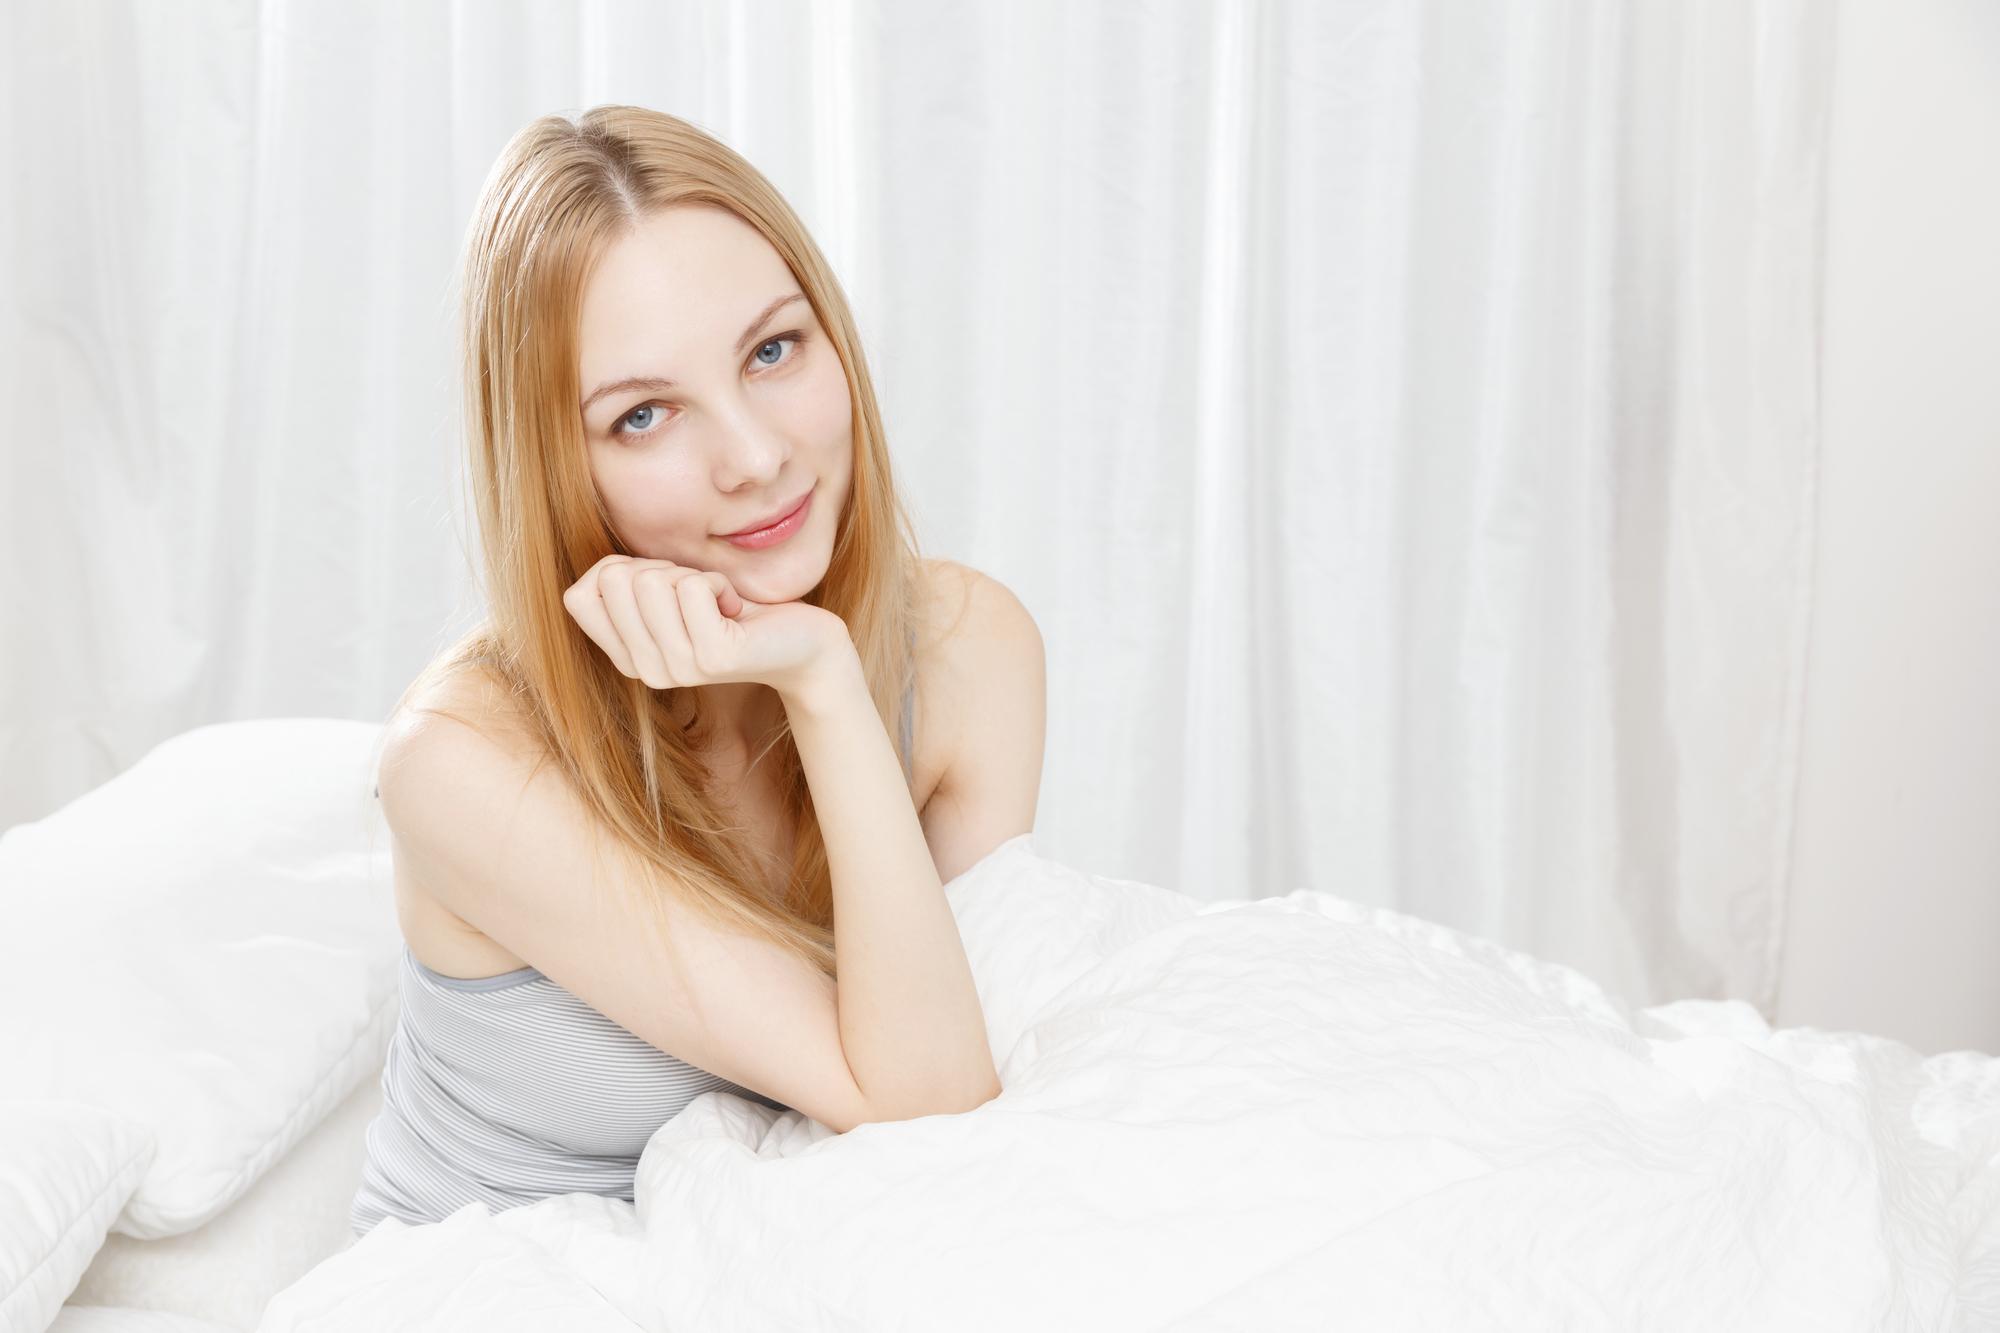 寝室の白人女性